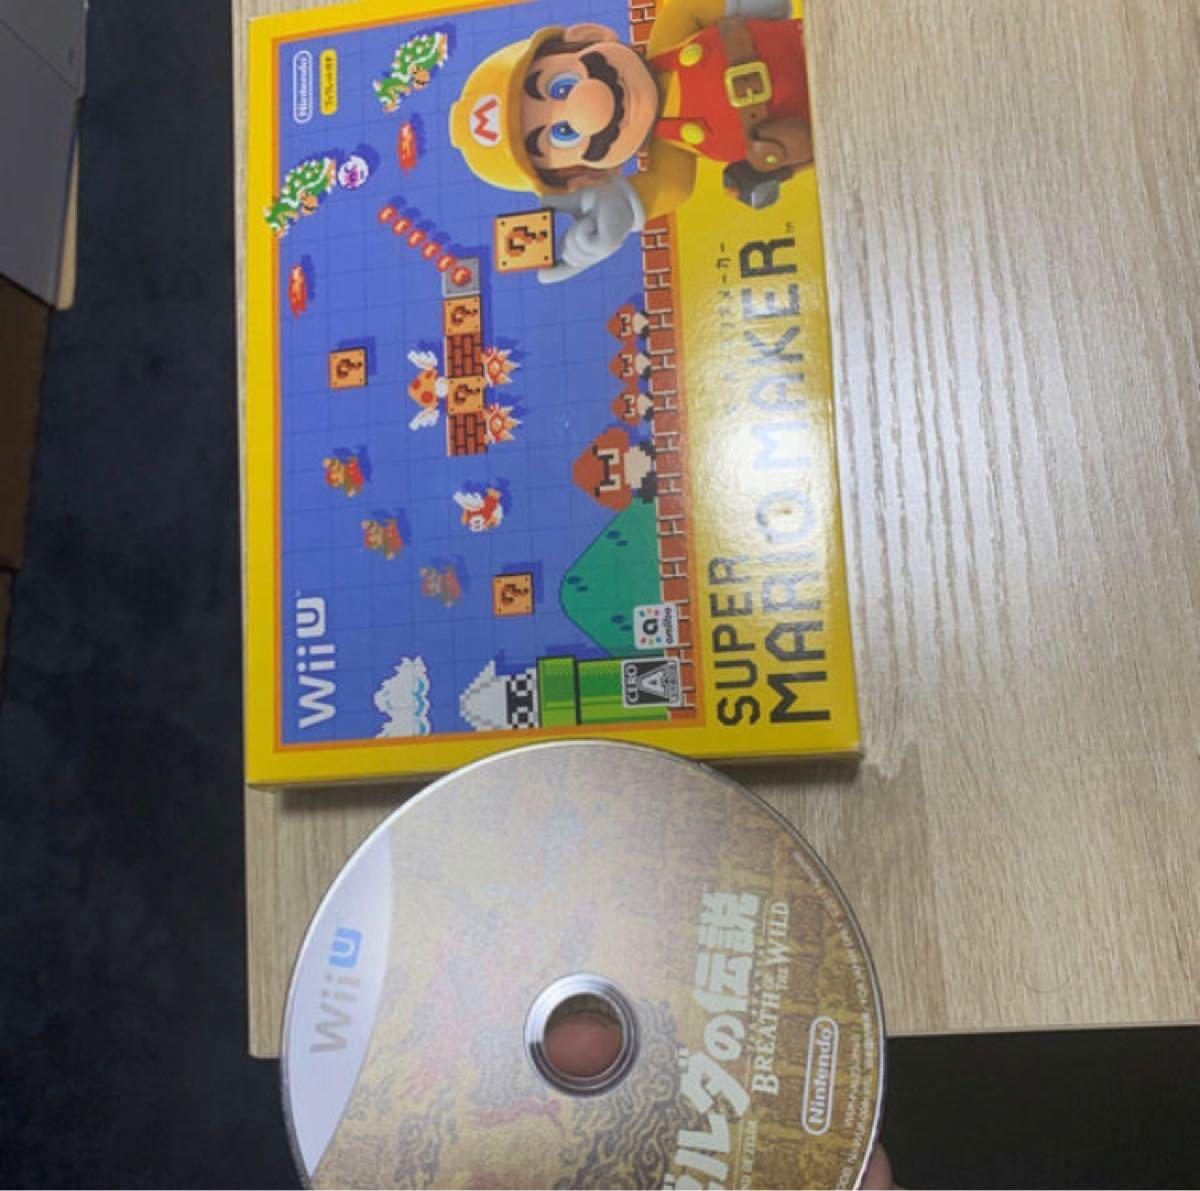 「Wii U すぐに遊べるマリオカート8セット(シロ)/Wii U/WUPSWAGH/A 全年齢対象」ゼルダ